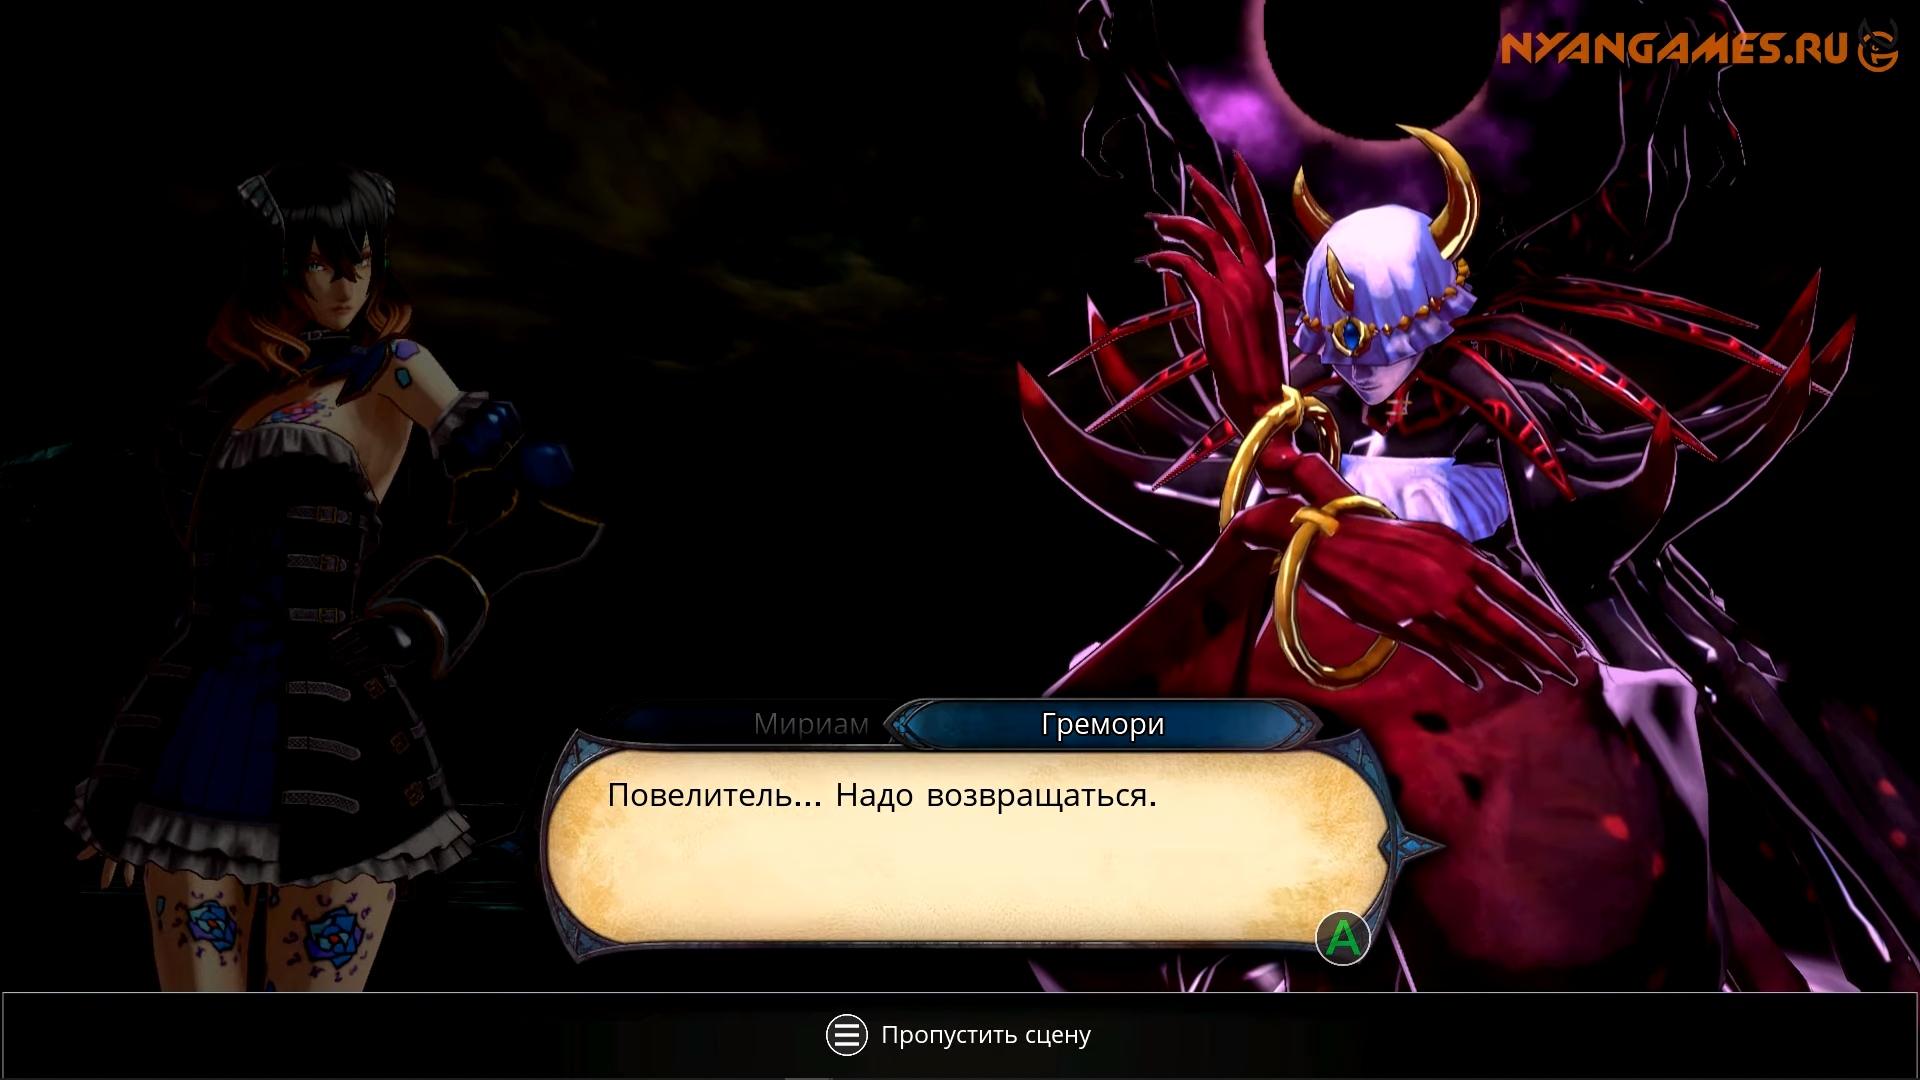 Обзор игры Bloodstained: Ritual of the Night. - Изображение 3